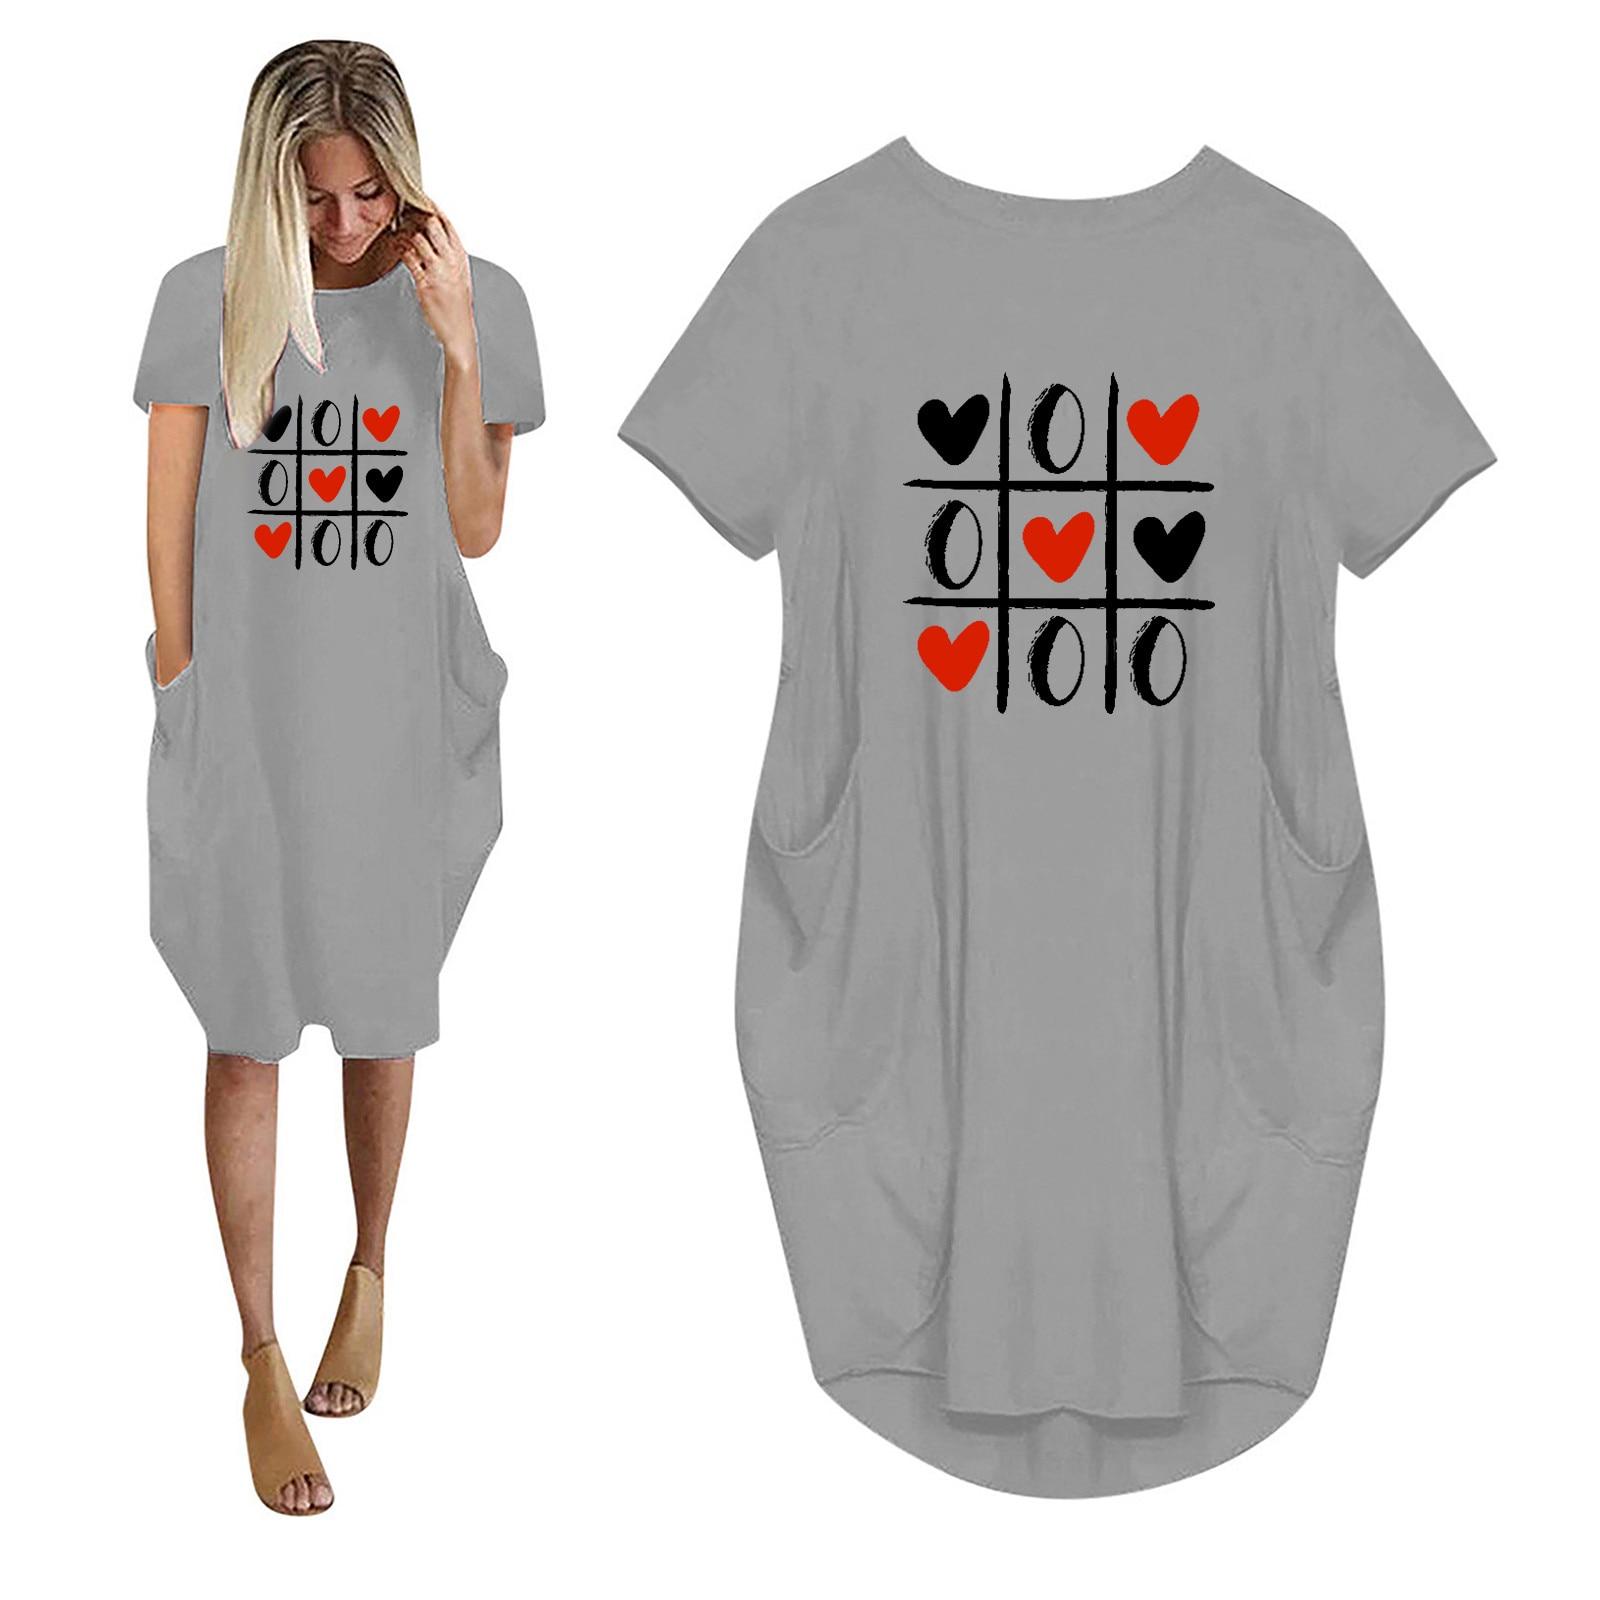 Модная женская летняя обувь рубашки с принтом сердечек Повседневная Женская одежда для сна с короткими рукавами, карманом и круглым вырезо...